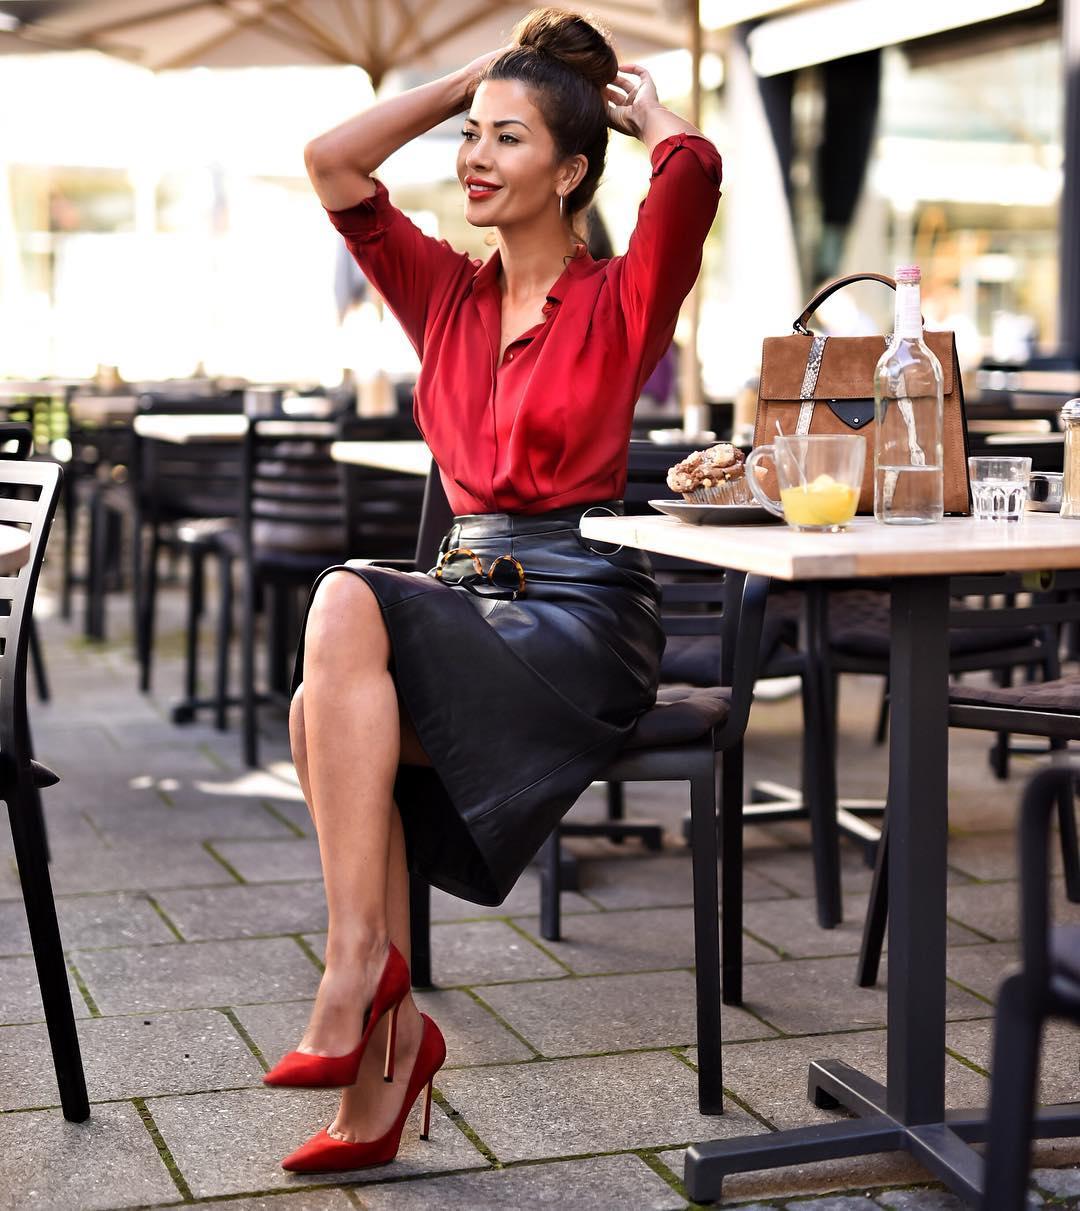 Кожаная юбка с блузкой фото 7